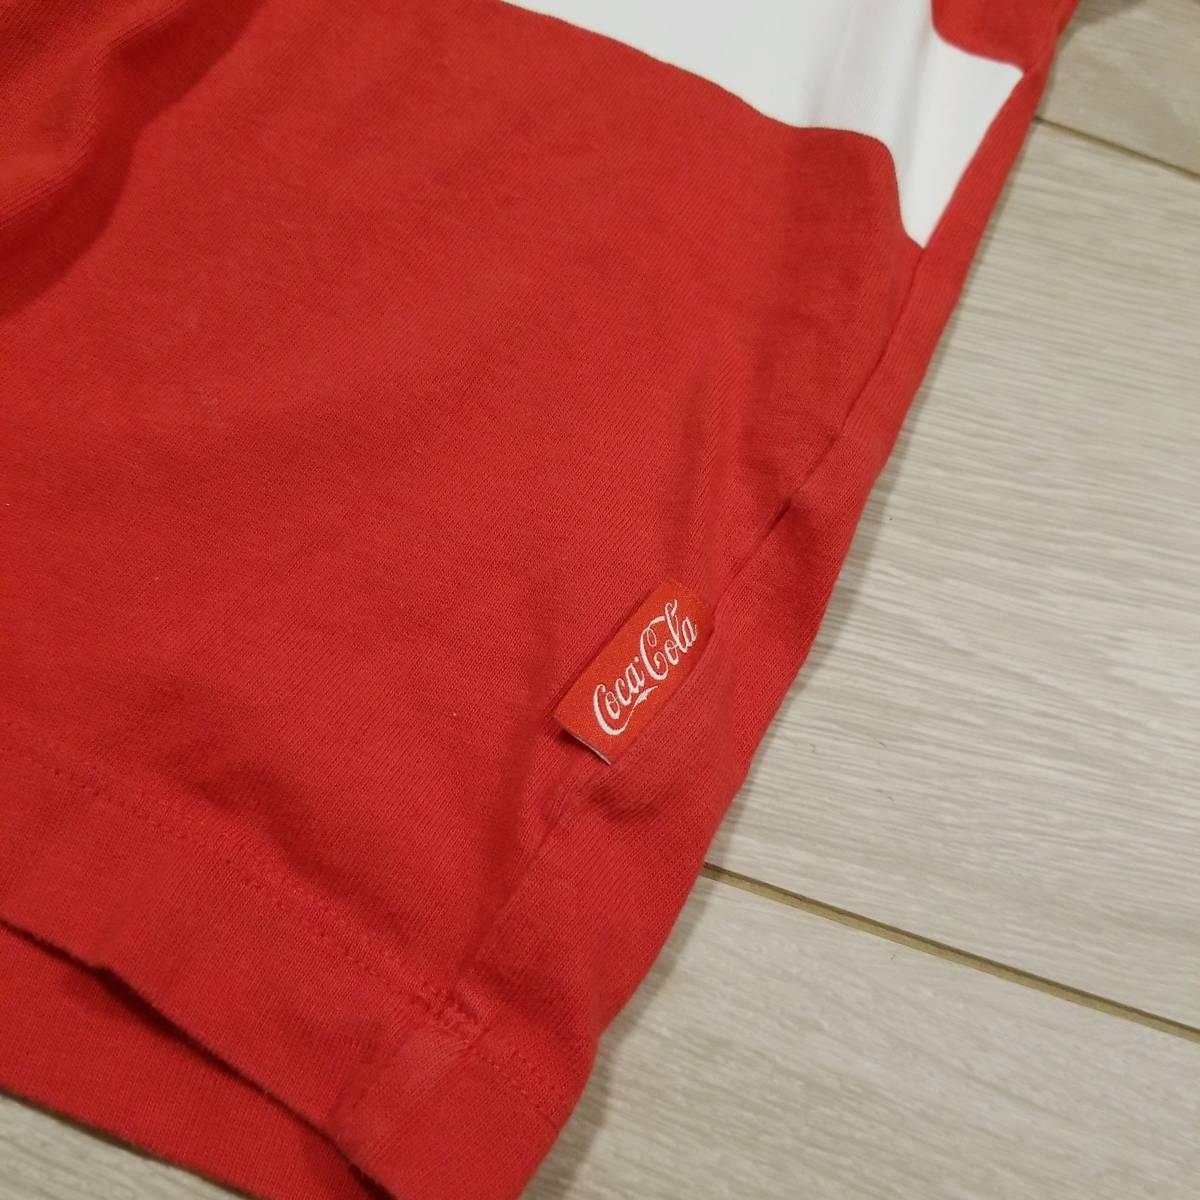 K275 GU ジーユー コカ・コーラ グラフィック Tシャツ M レディース カットソー 半袖 赤系 綿100% コットン トップス..